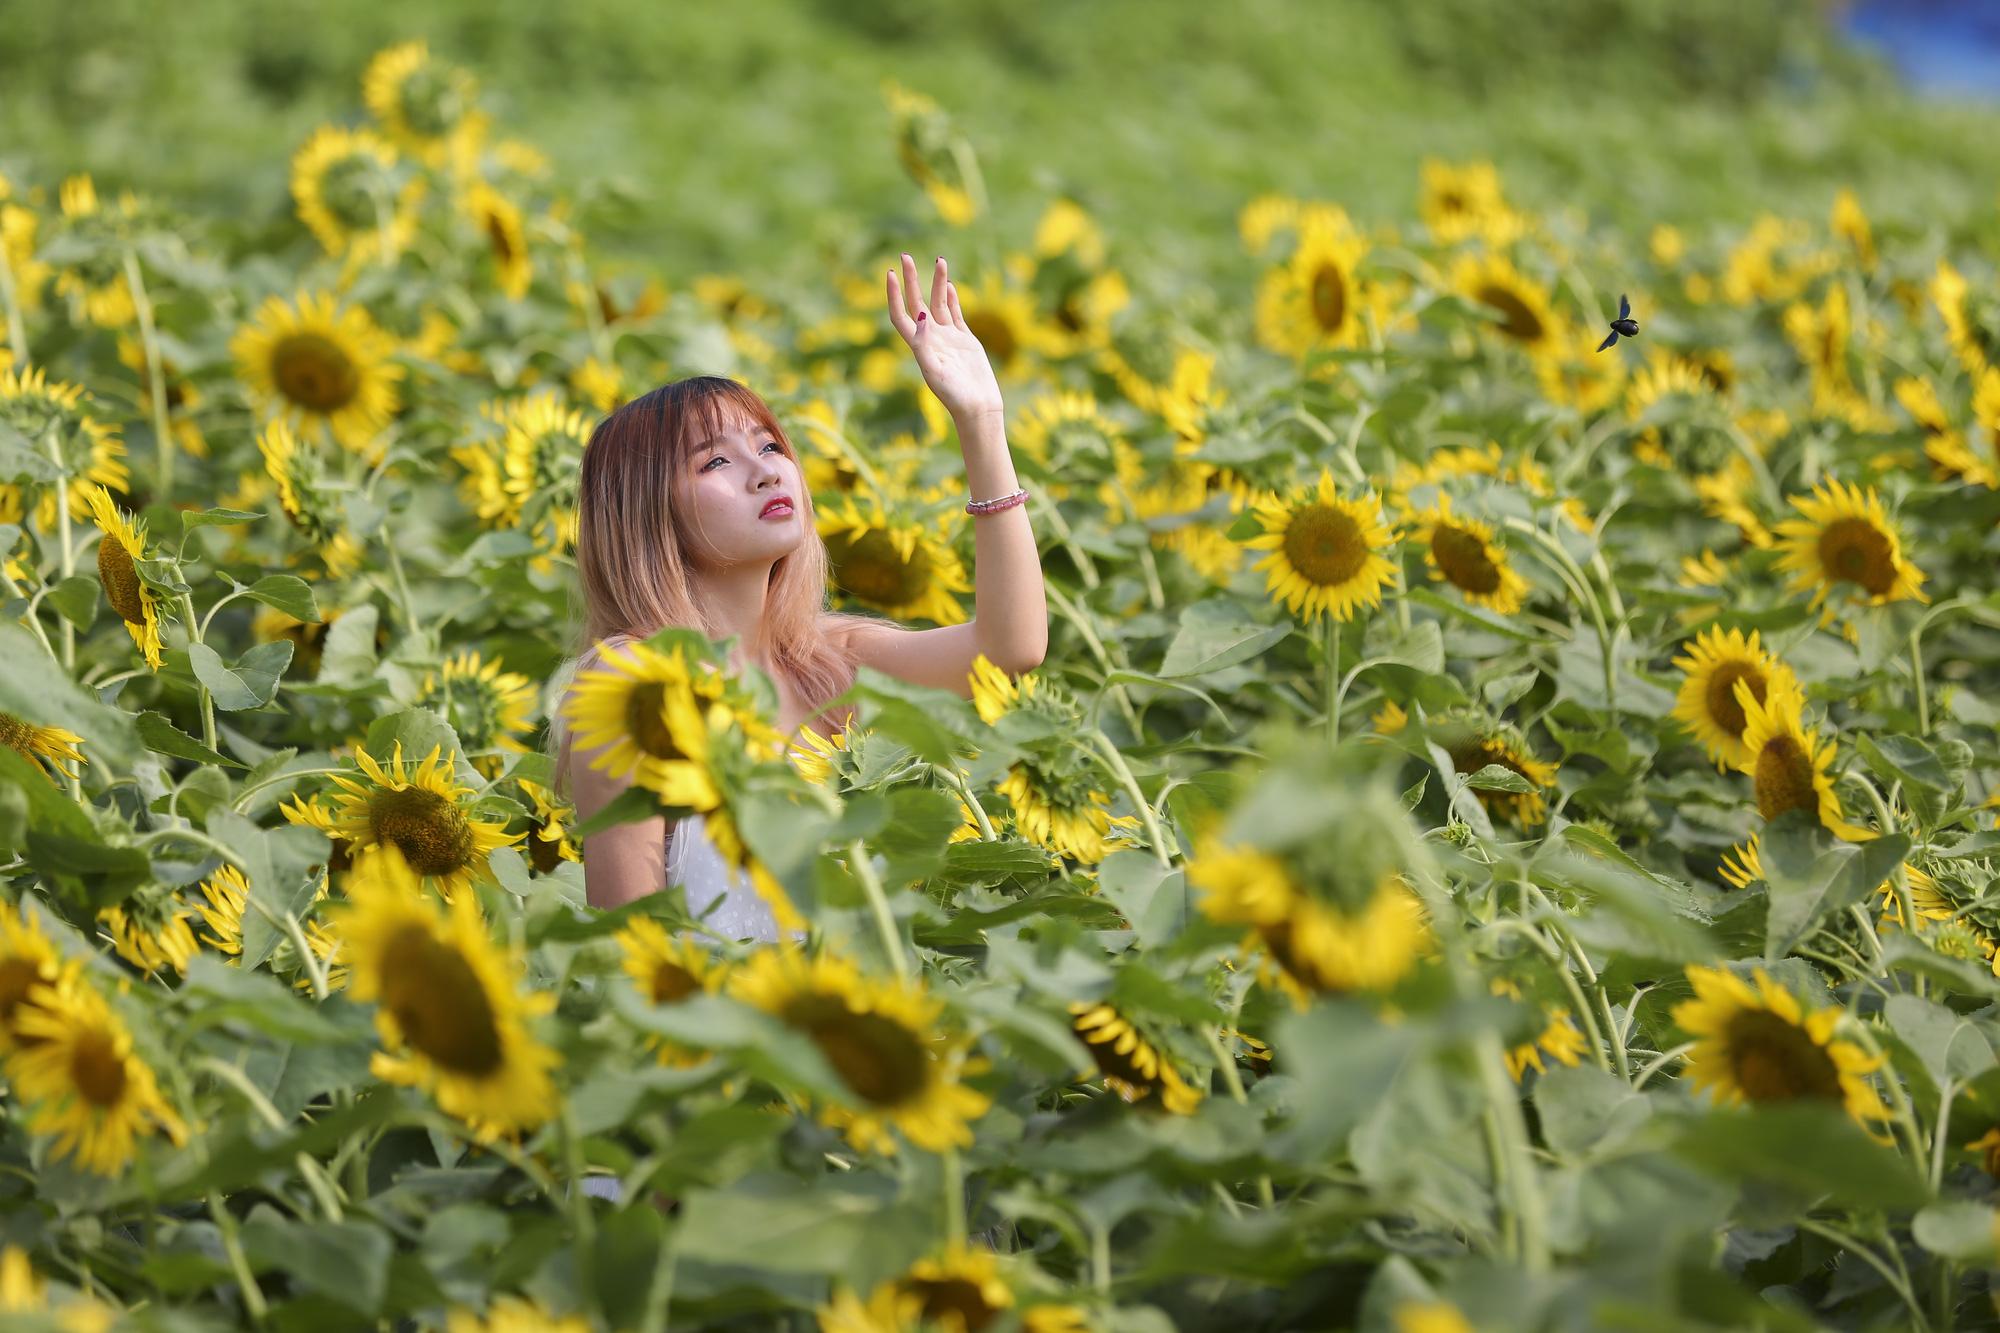 Hoa hướng dương tuyệt đẹp, giới trẻ đổ xô đến chụp ảnh - Ảnh 8.